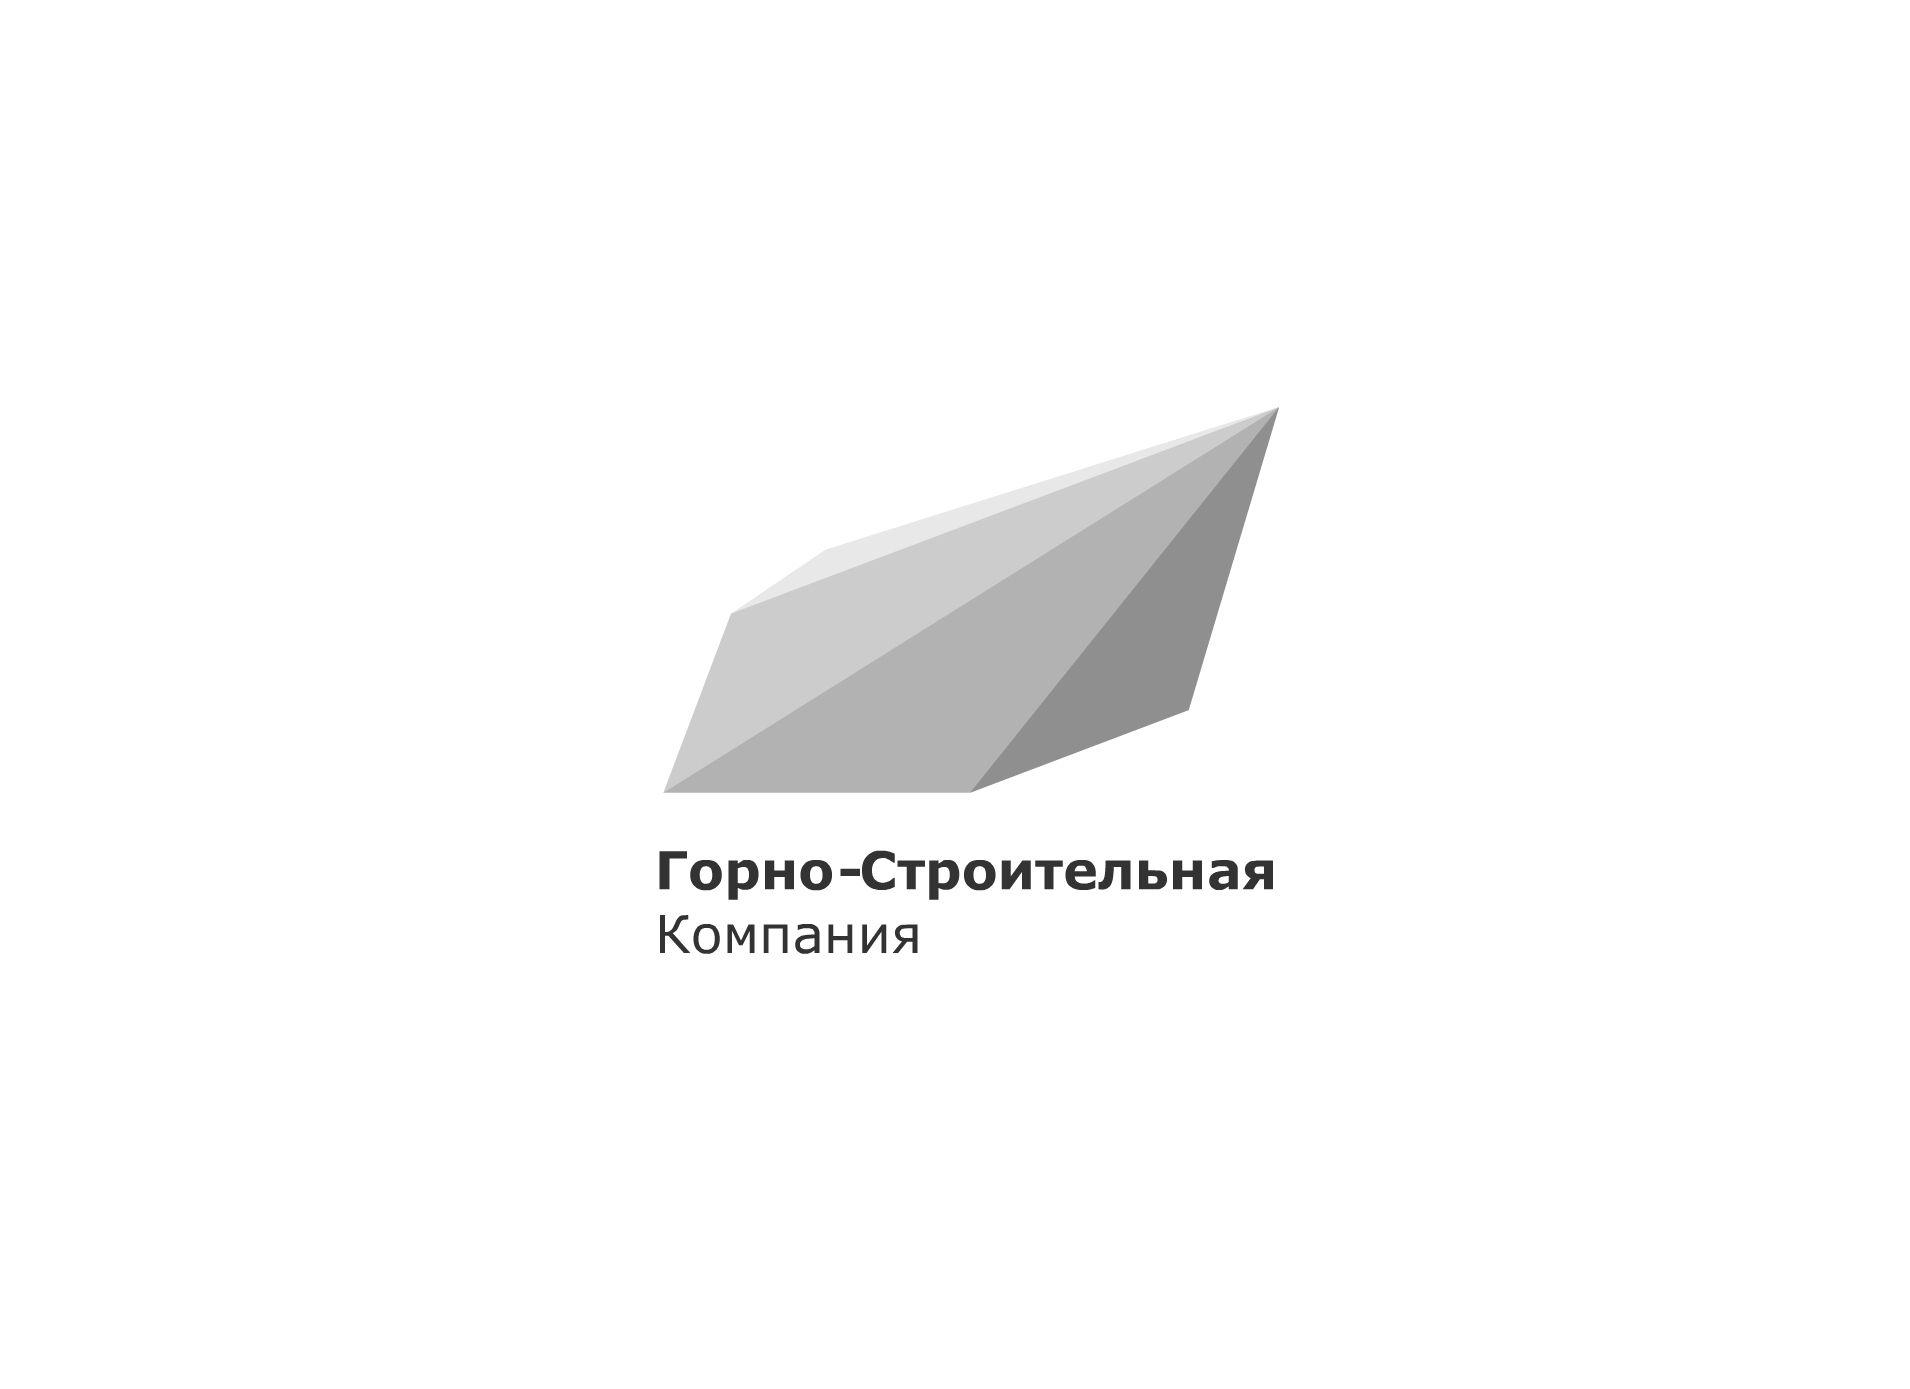 Логотип для Горно-Строительной Компании - дизайнер mrTuzzz